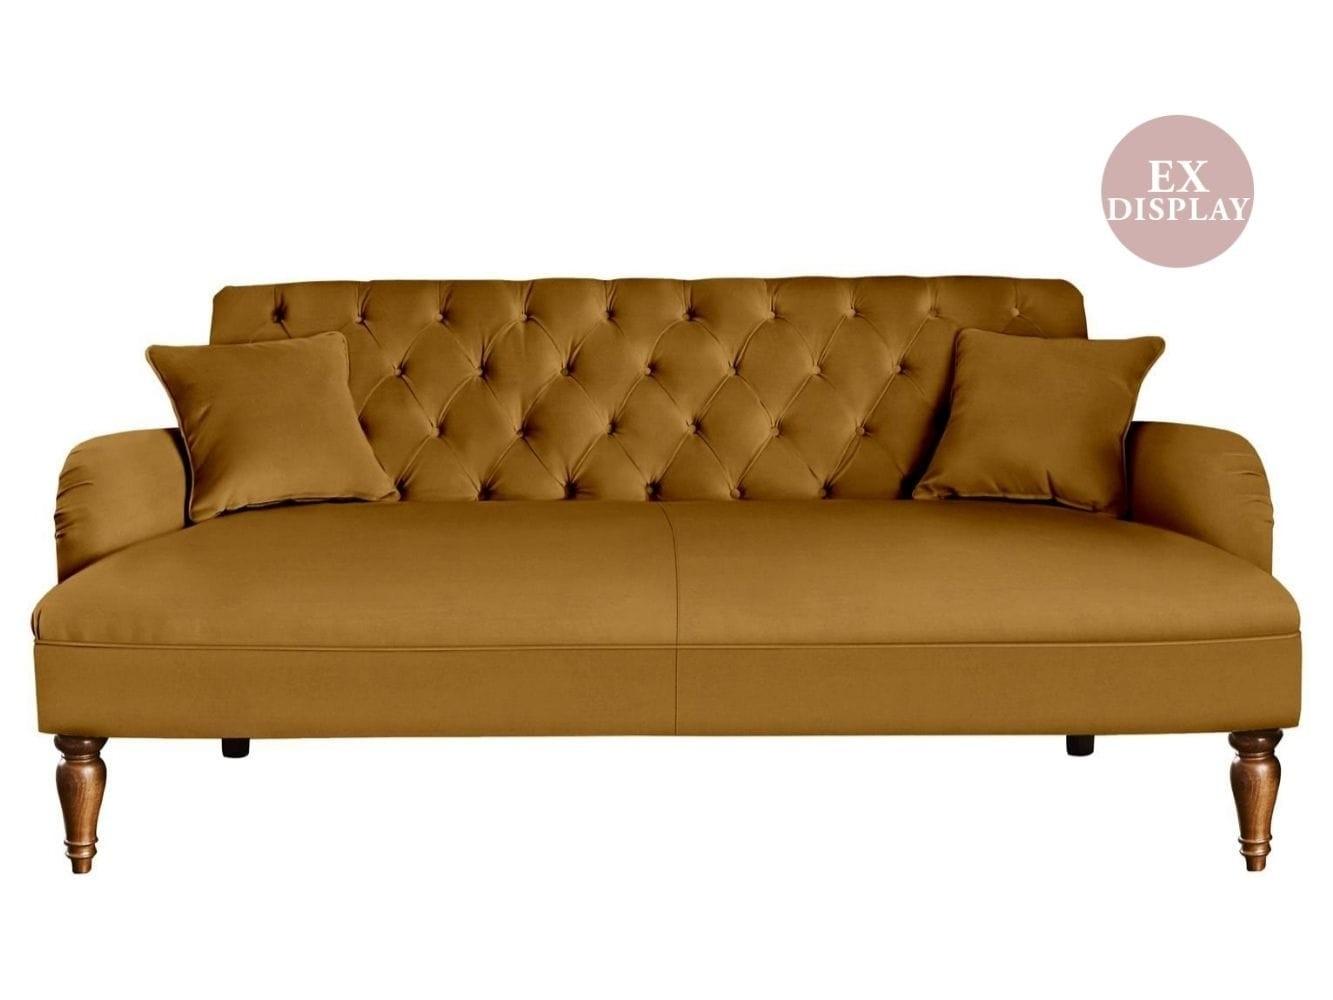 The Wishford Sofa